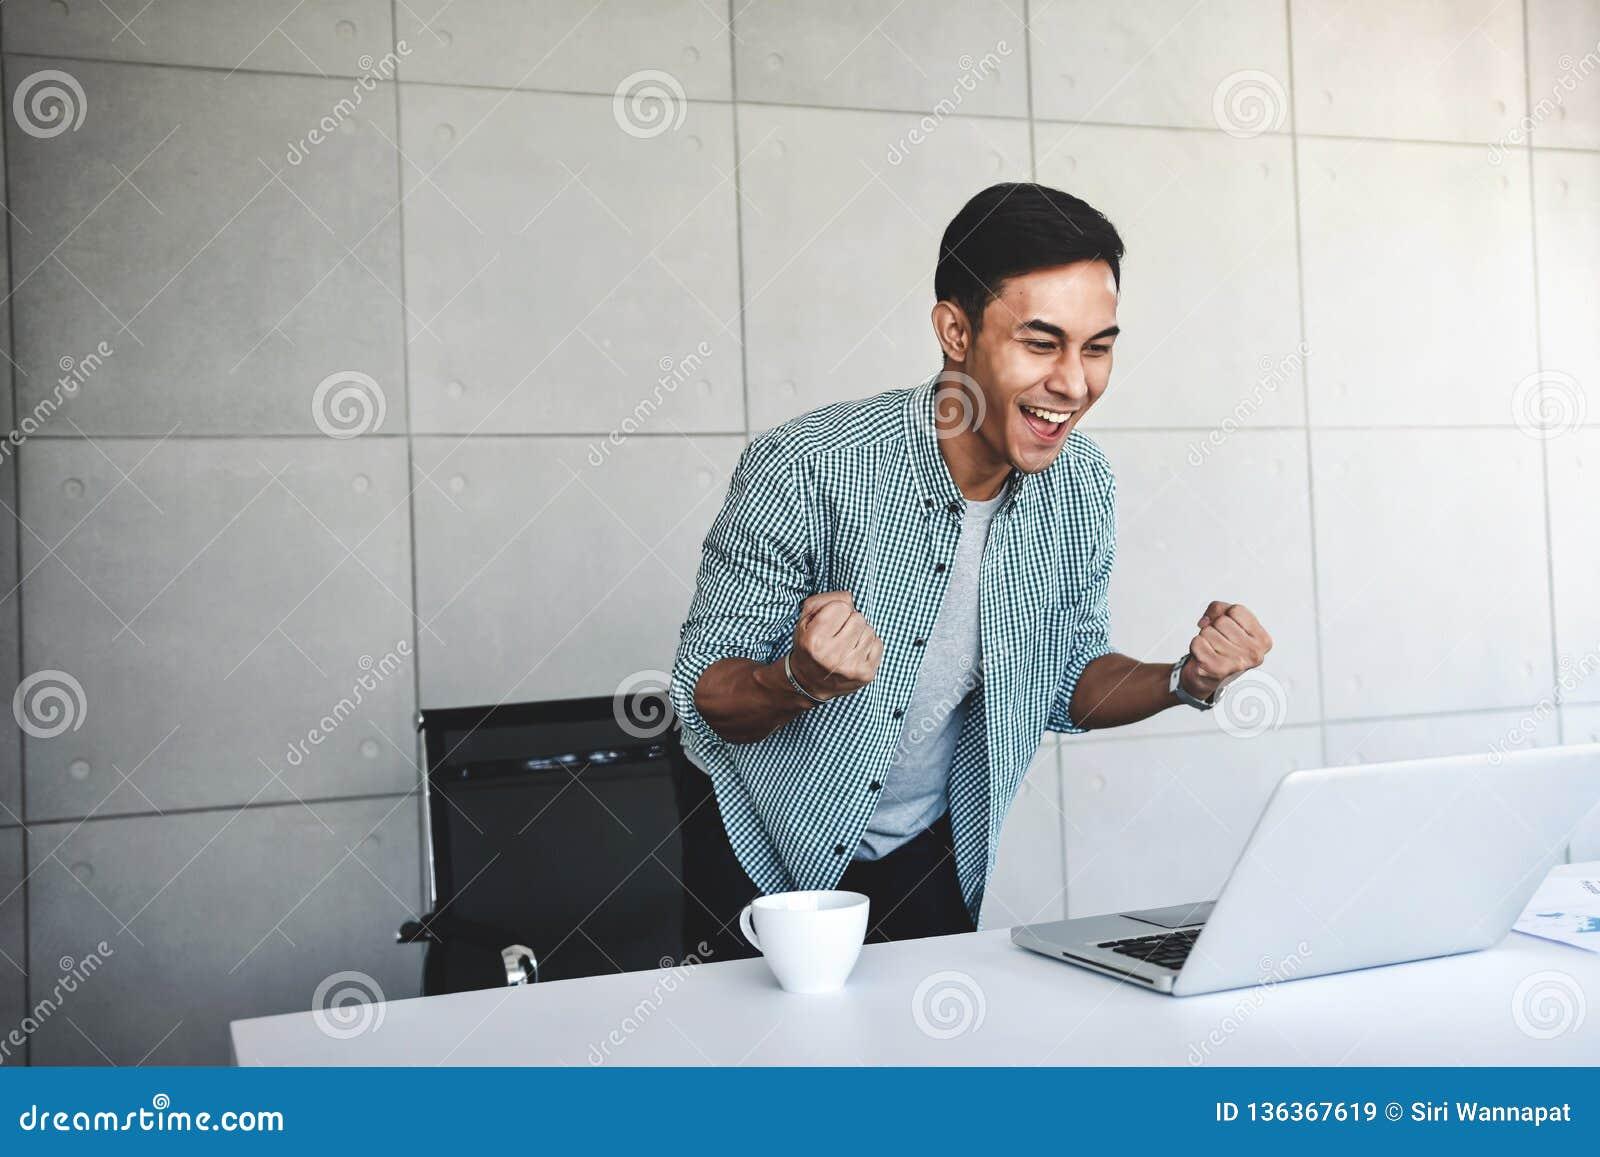 Μικρή επιχείρηση και επιτυχής έννοια Νέος ασιατικός επιχειρηματίας Glad για να λάβει τις καλές ειδήσεις ή τα υψηλά κέρδη